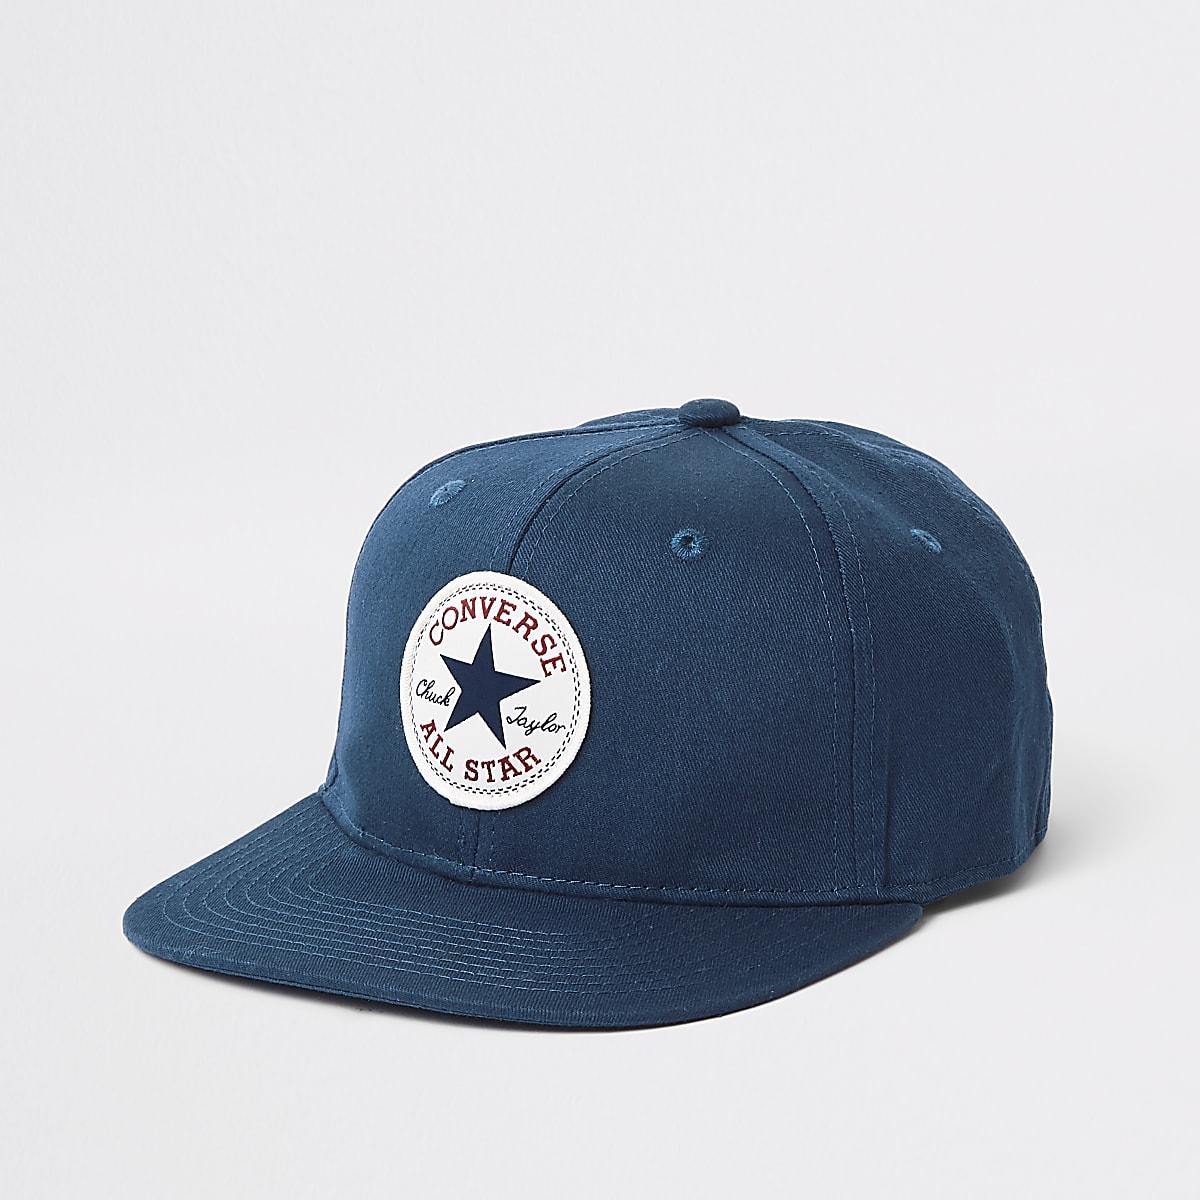 Converse - Platte marineblauwe pet voor jongens